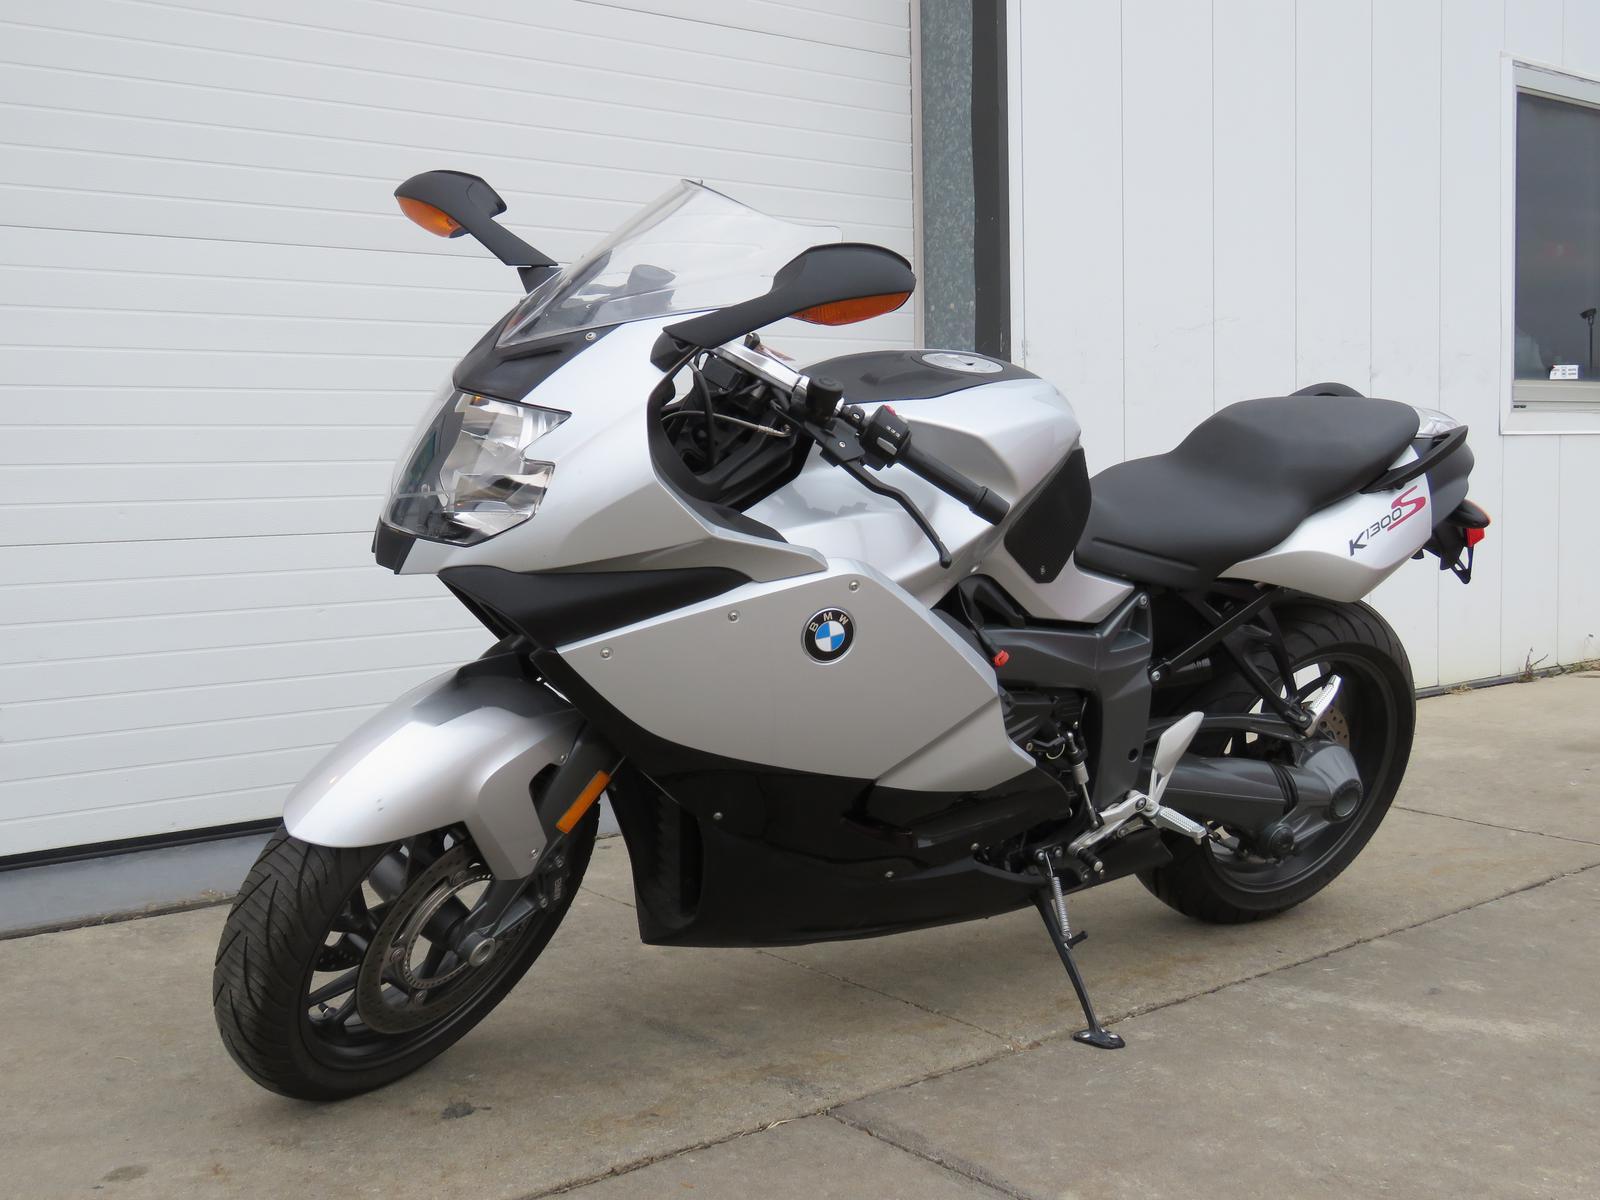 2013 Bmw K1300s For Sale In Iowa City Ia Bmw Motorcycles Of Iowa